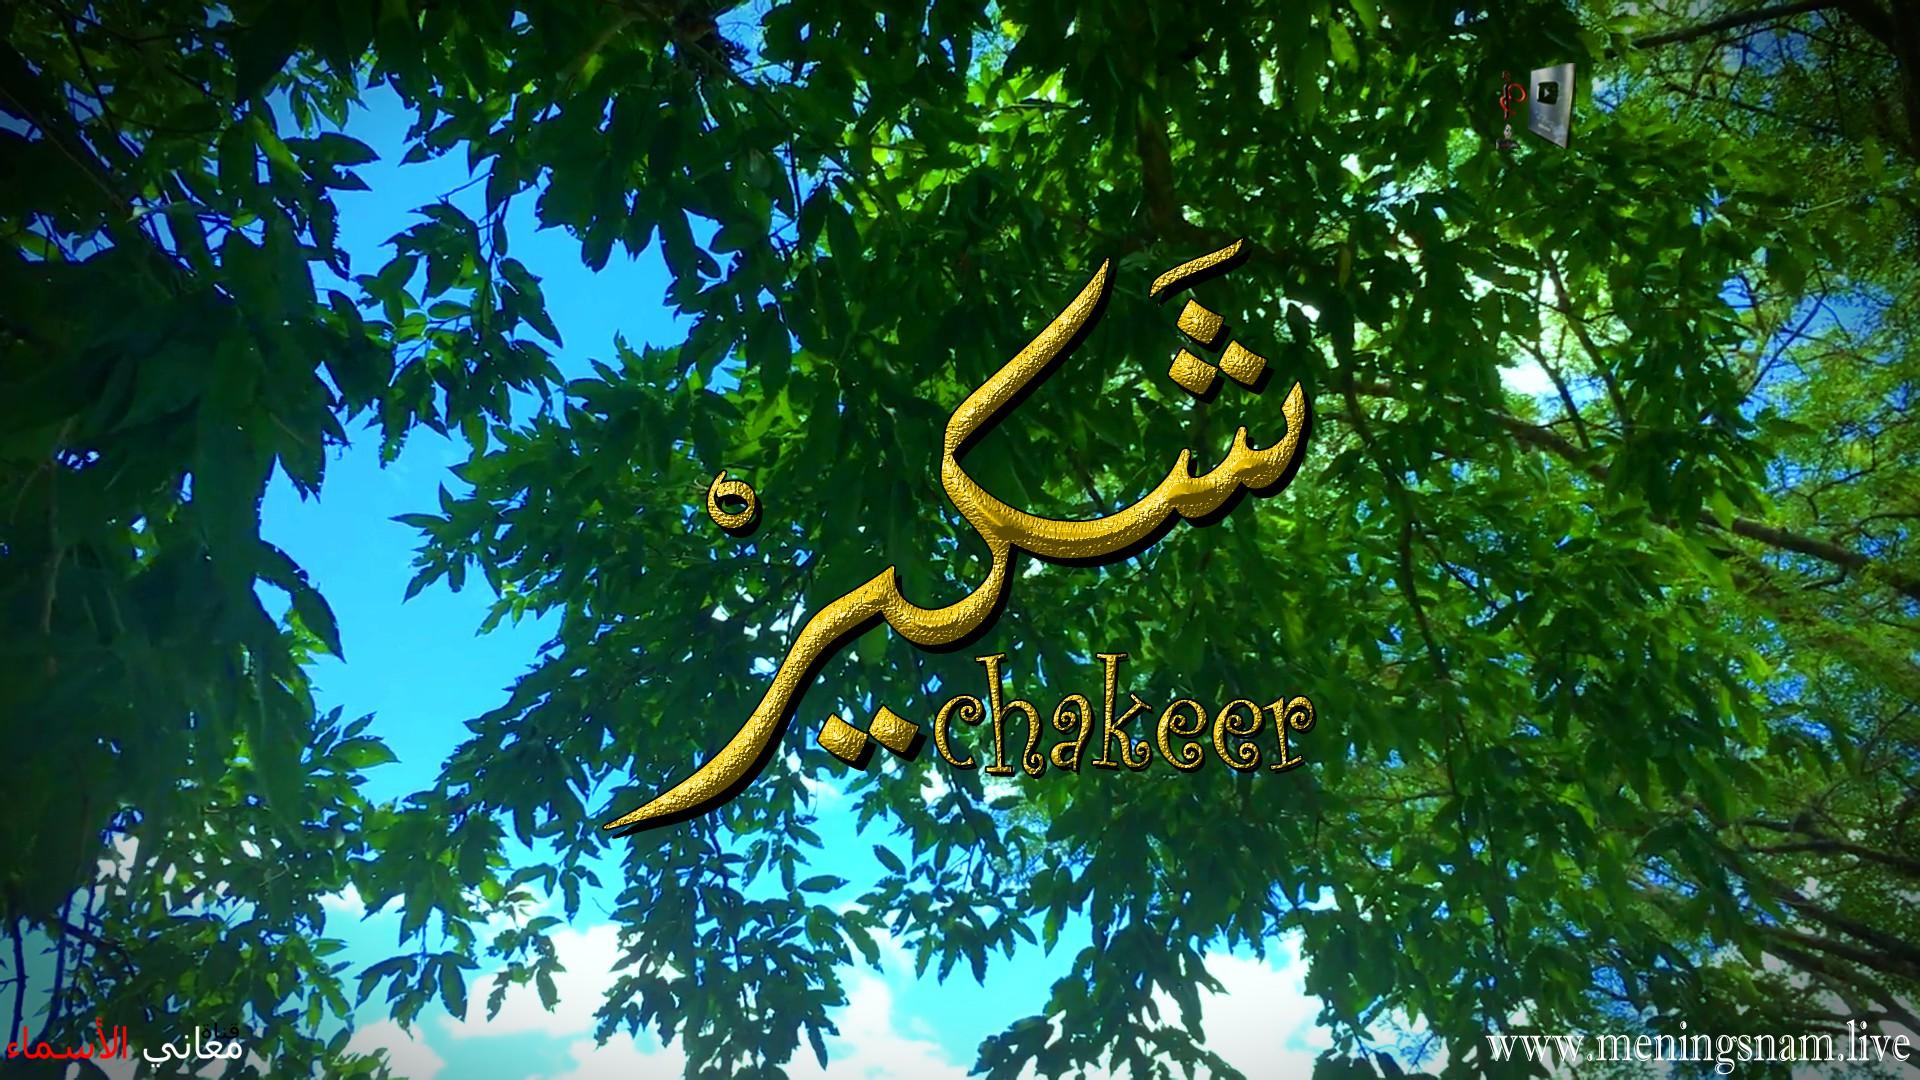 معنى اسم شكير وصفات حامل هذا الاسم Shakir,